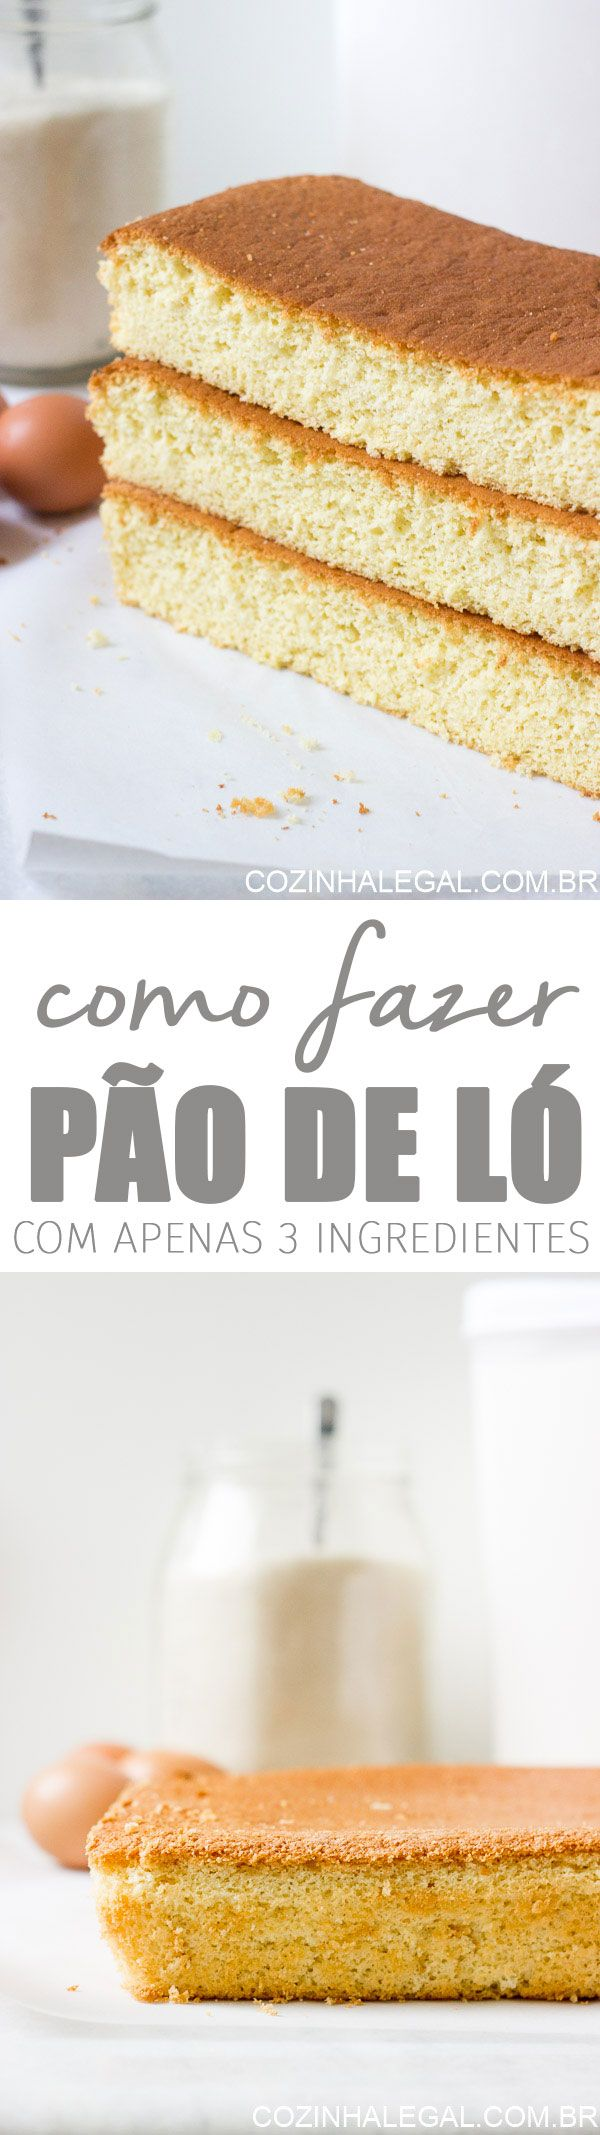 Pão de ló com 3 ingredientes é uma receita fácil e rápida de ser feita. Com poucos ingredientes, você ira preparar um pão de ló fofo, alto e super saboroso | cozinhalegal.com.br